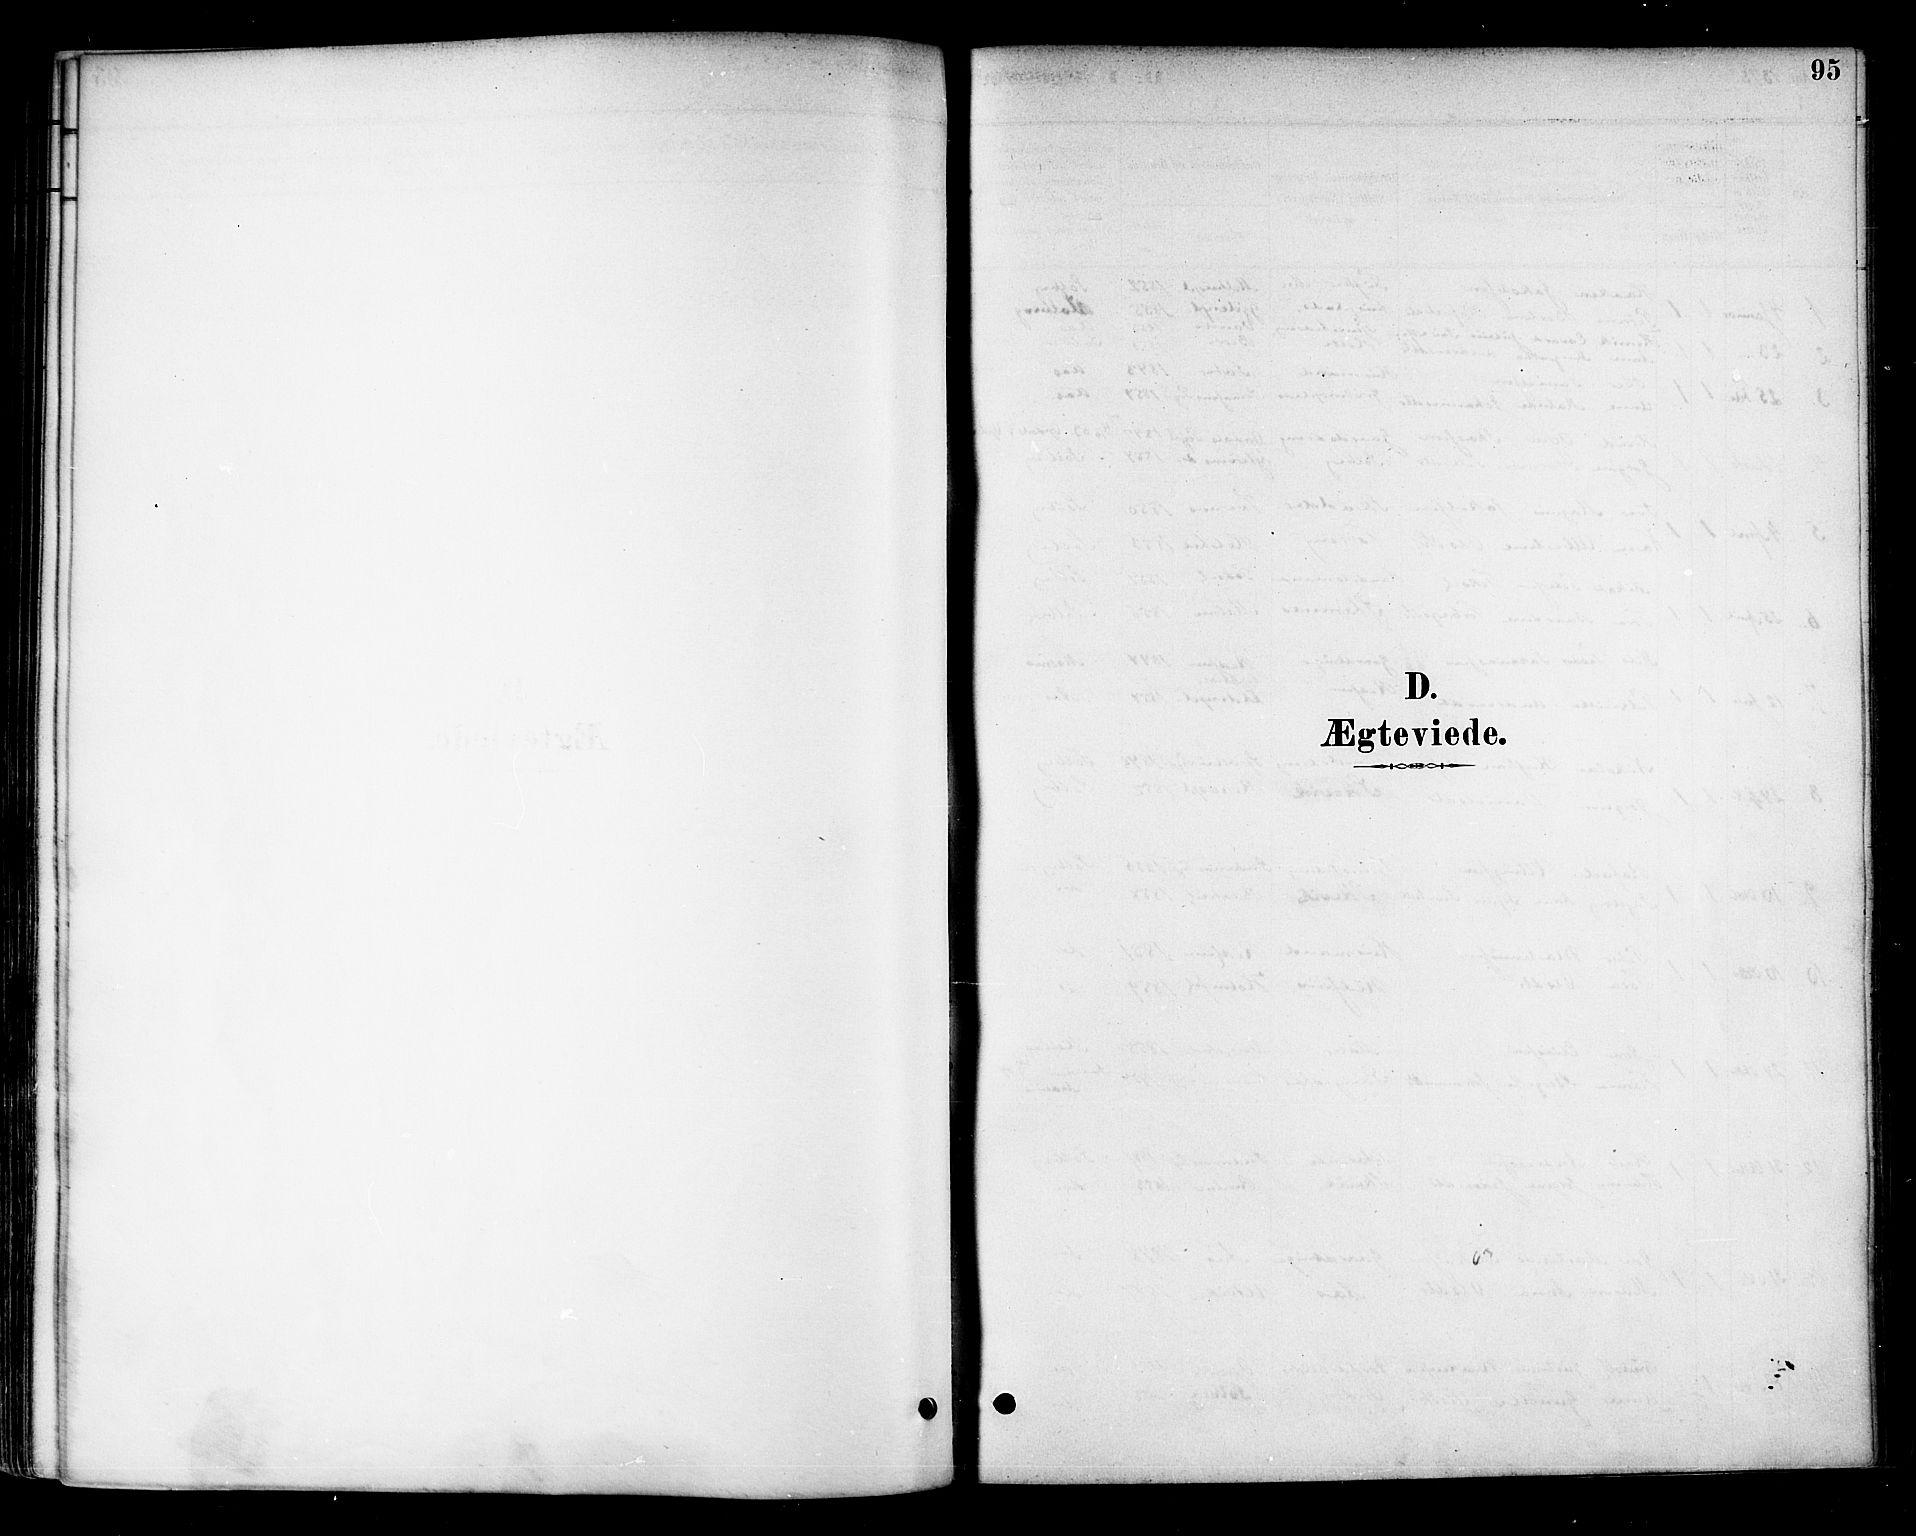 SAT, Ministerialprotokoller, klokkerbøker og fødselsregistre - Nord-Trøndelag, 741/L0395: Ministerialbok nr. 741A09, 1878-1888, s. 95